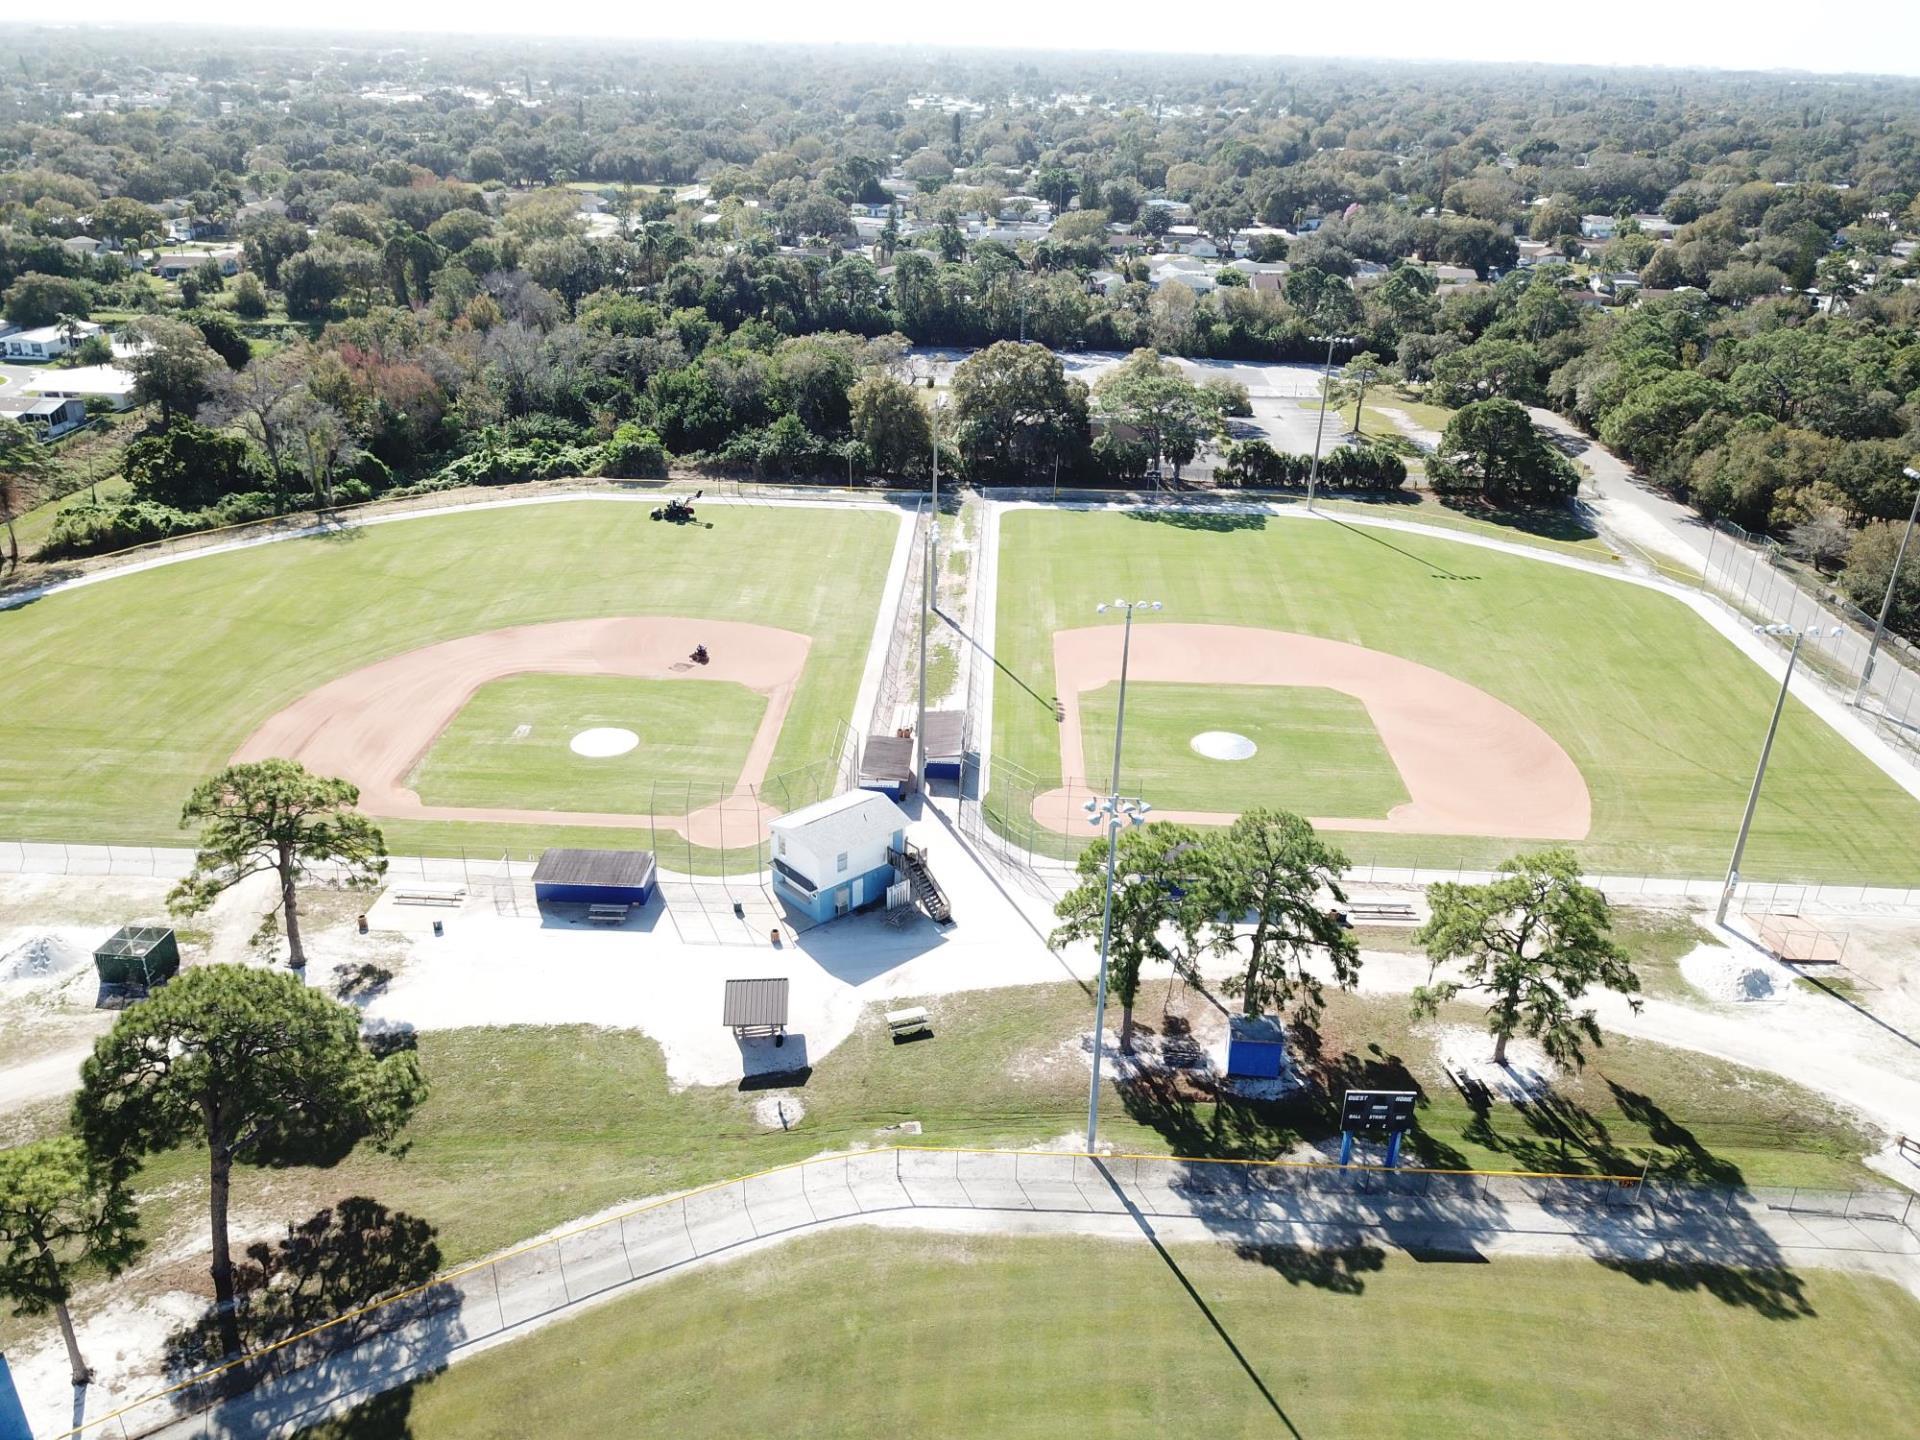 Babe Ruth baseball complex